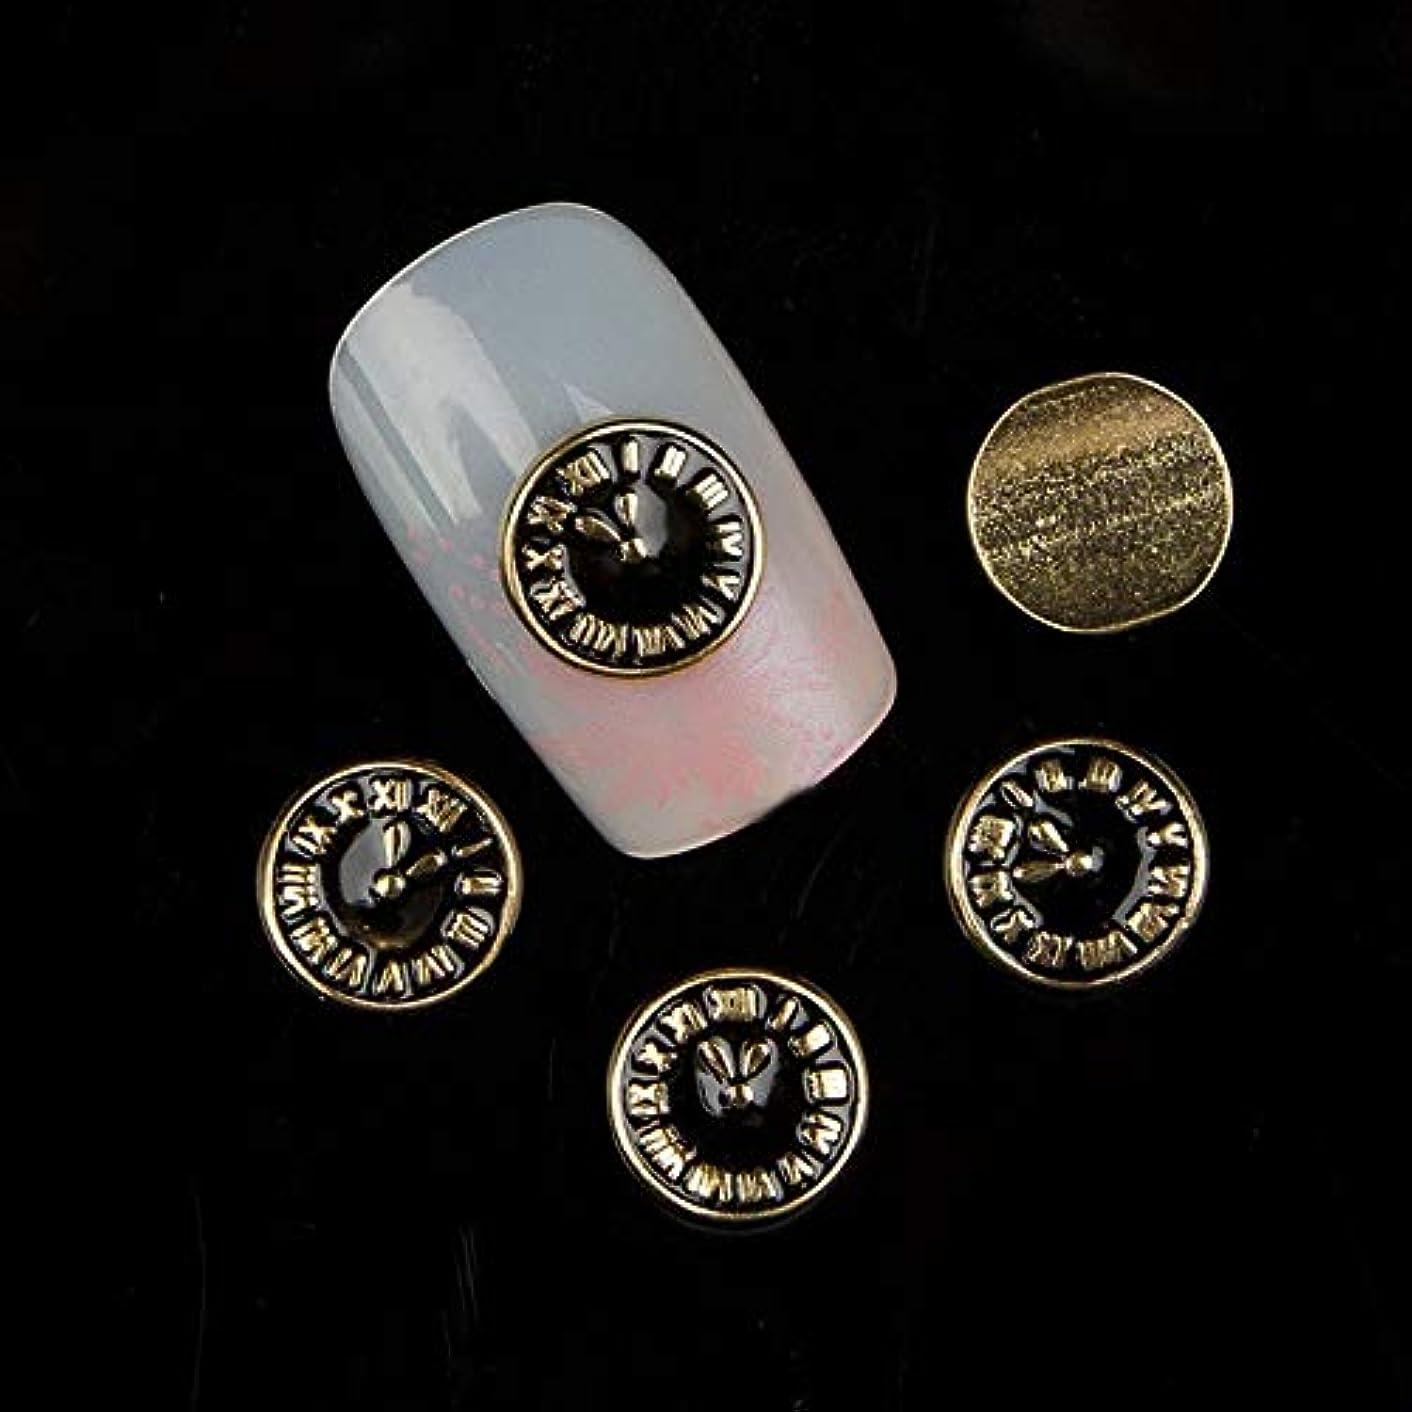 優越忘れるシネマ10個入り/ロットゴールドブラックネイル合金スタッド3Dメタル時計ネイルアートの装飾マニキュアデザイン